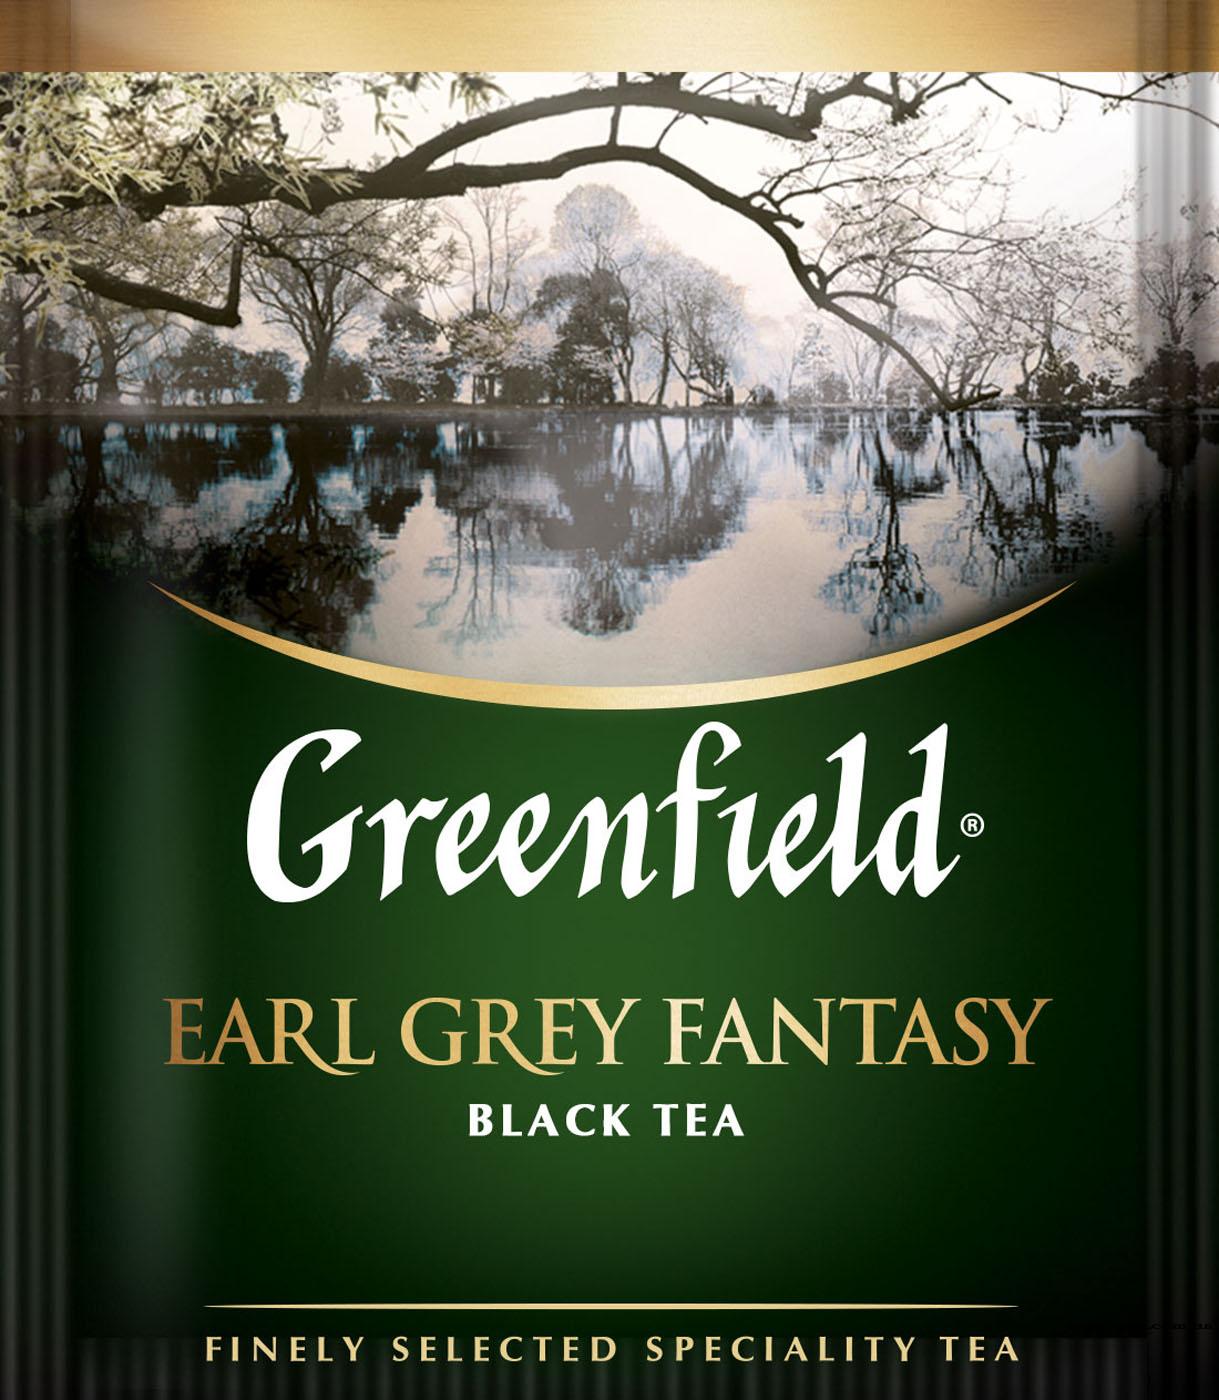 Чай черный ароматизированный Earl Grey Fantasy 100пак. по 2гр., термосаше, в пакете Greenfield - фото 1